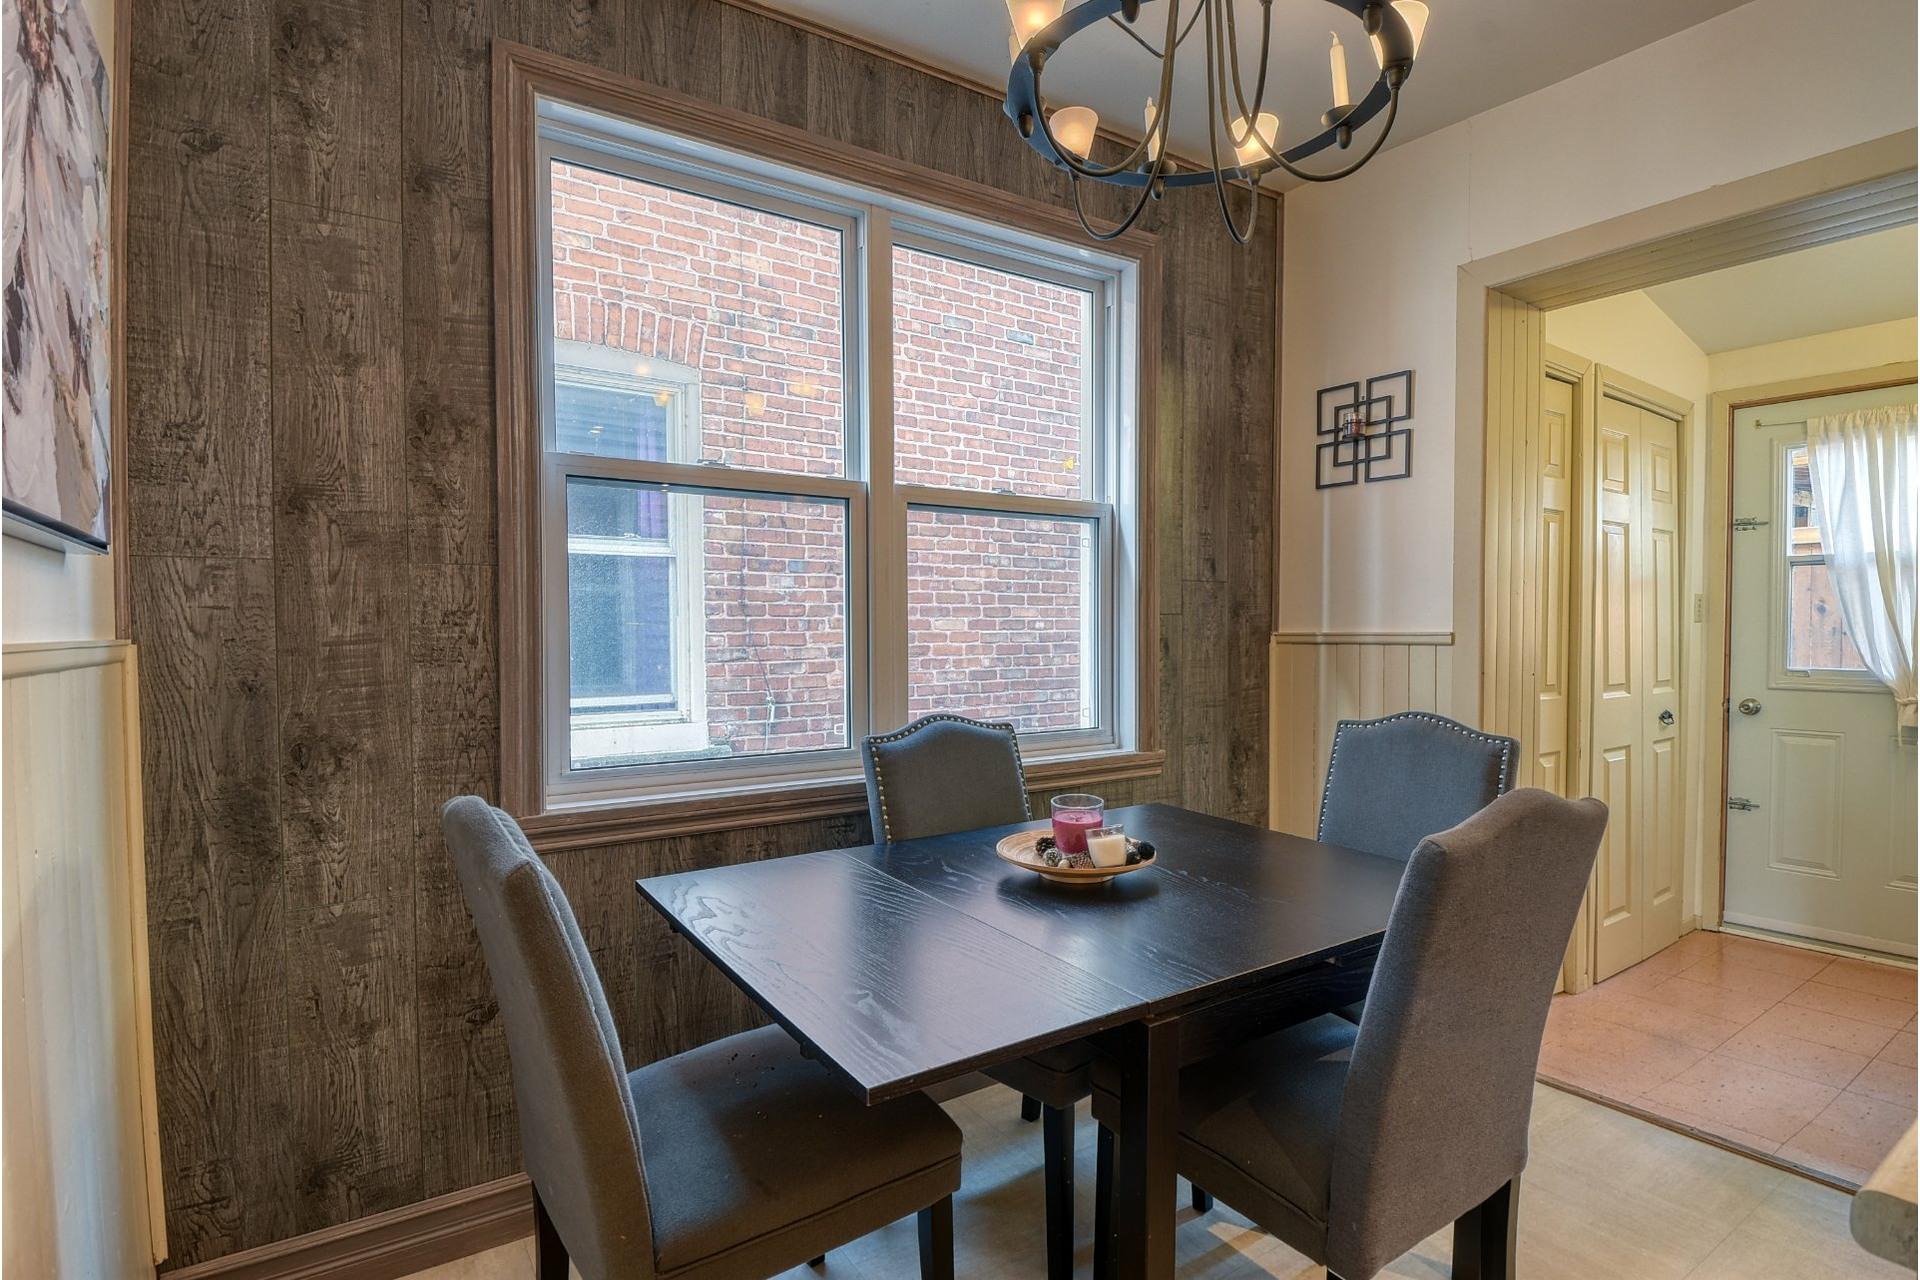 image 21 - Duplex For sale Lachine Montréal  - 5 rooms